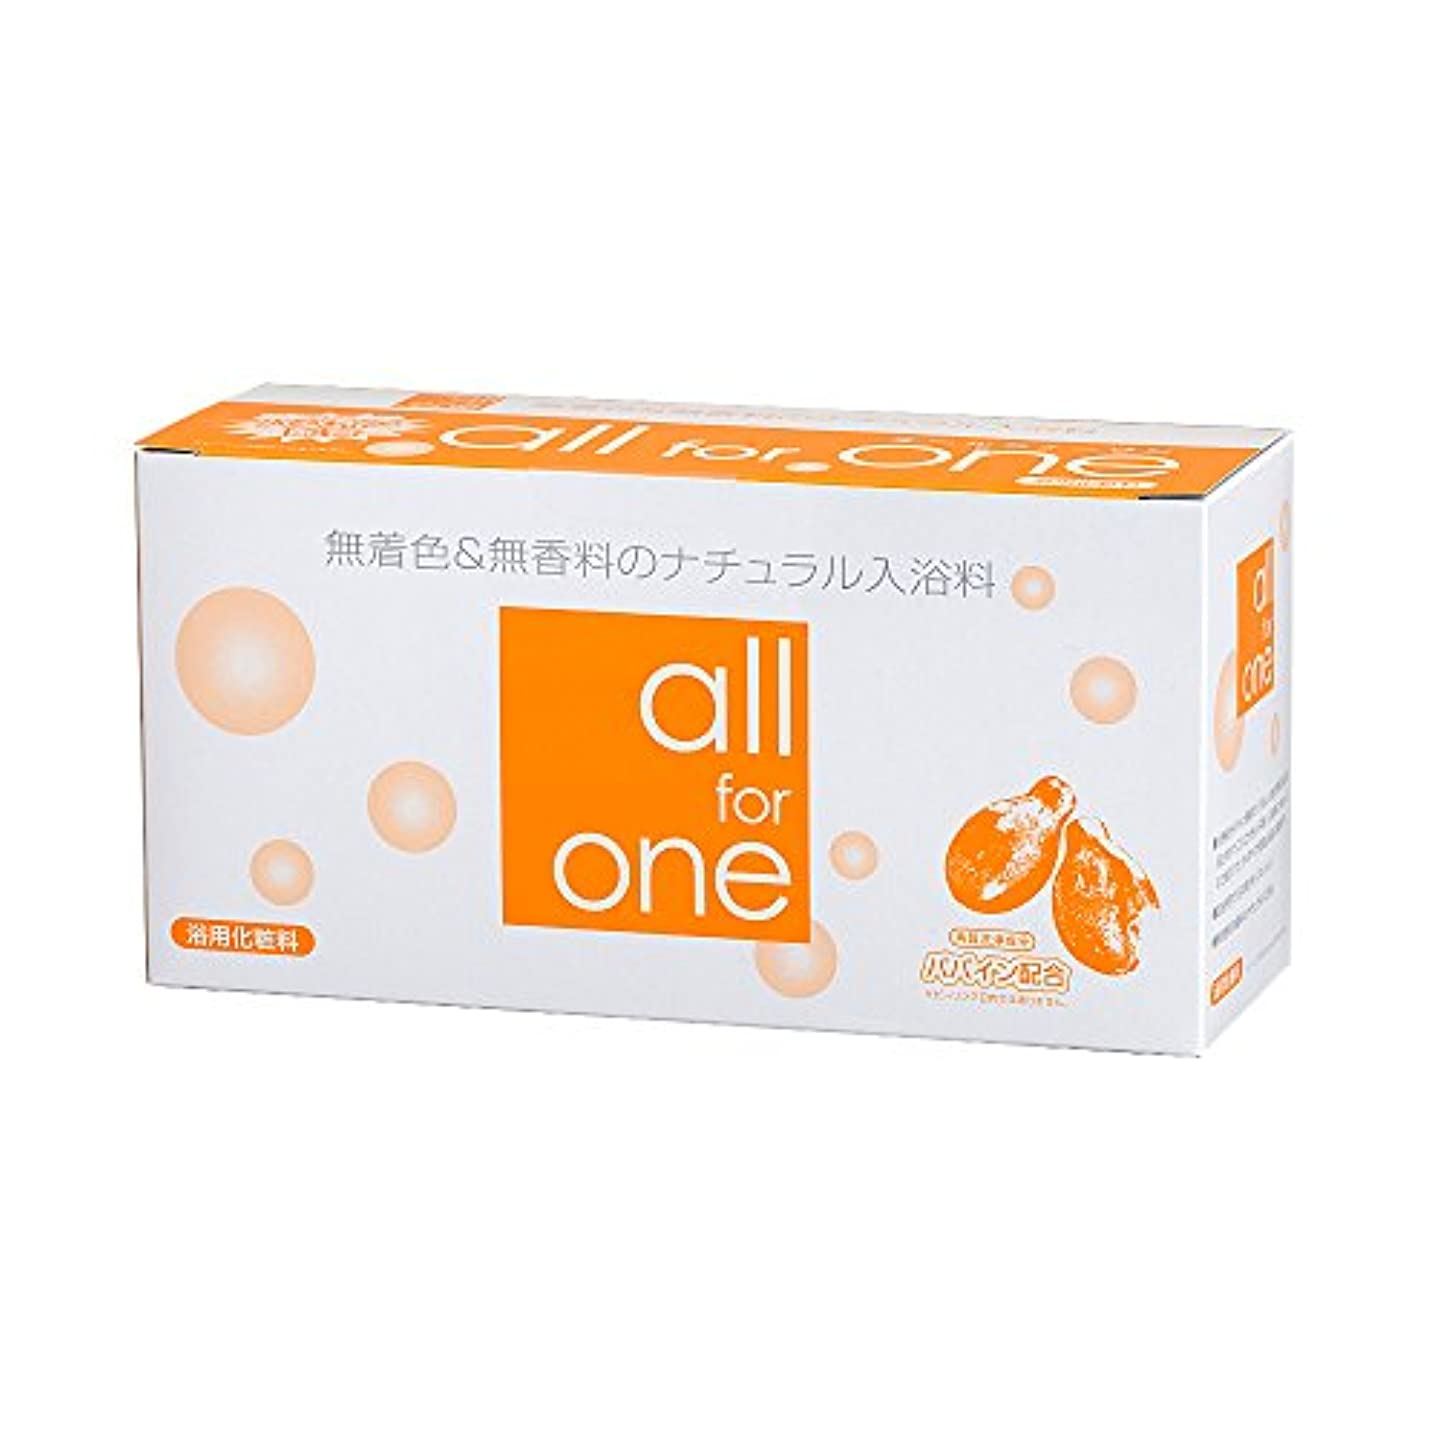 召集する雑品風景パパイン酵素配合 無着色&無香料 ナチュラル入浴剤 all for one 30包